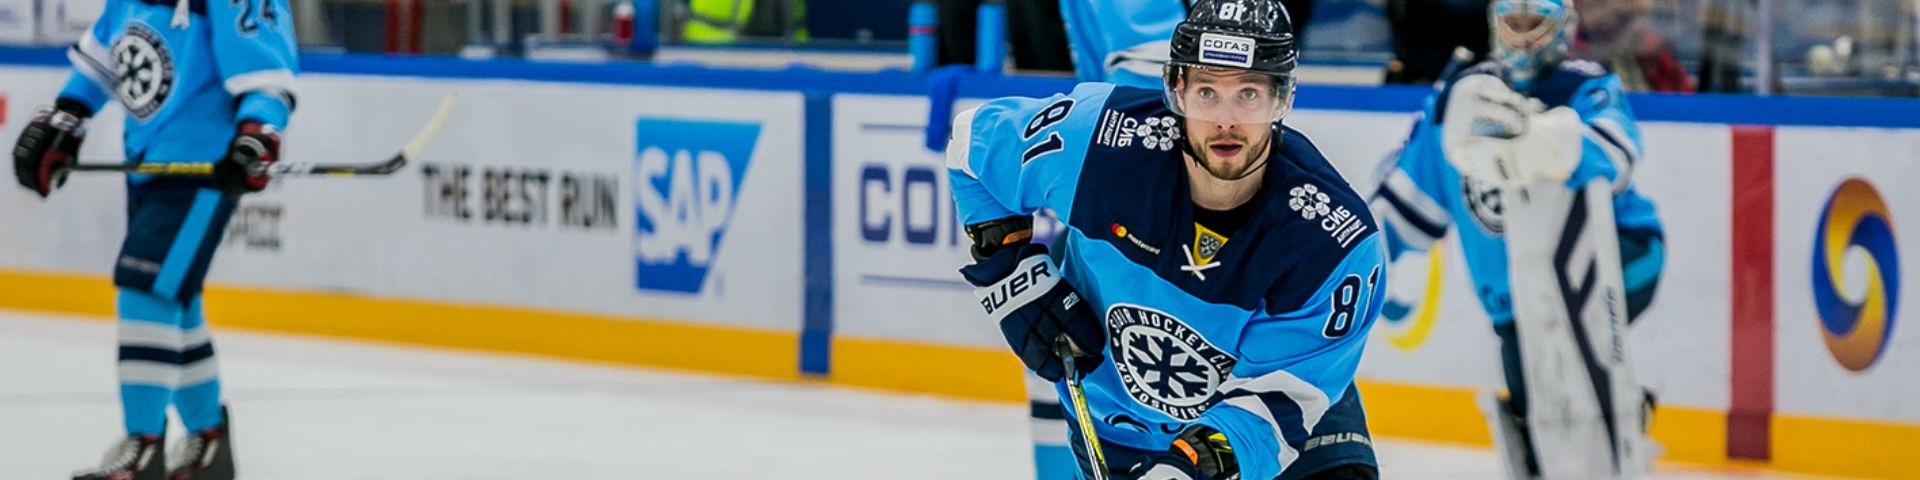 «Сибирь» вышла в плей-офф Кубка Гагарина впервые за четыре года